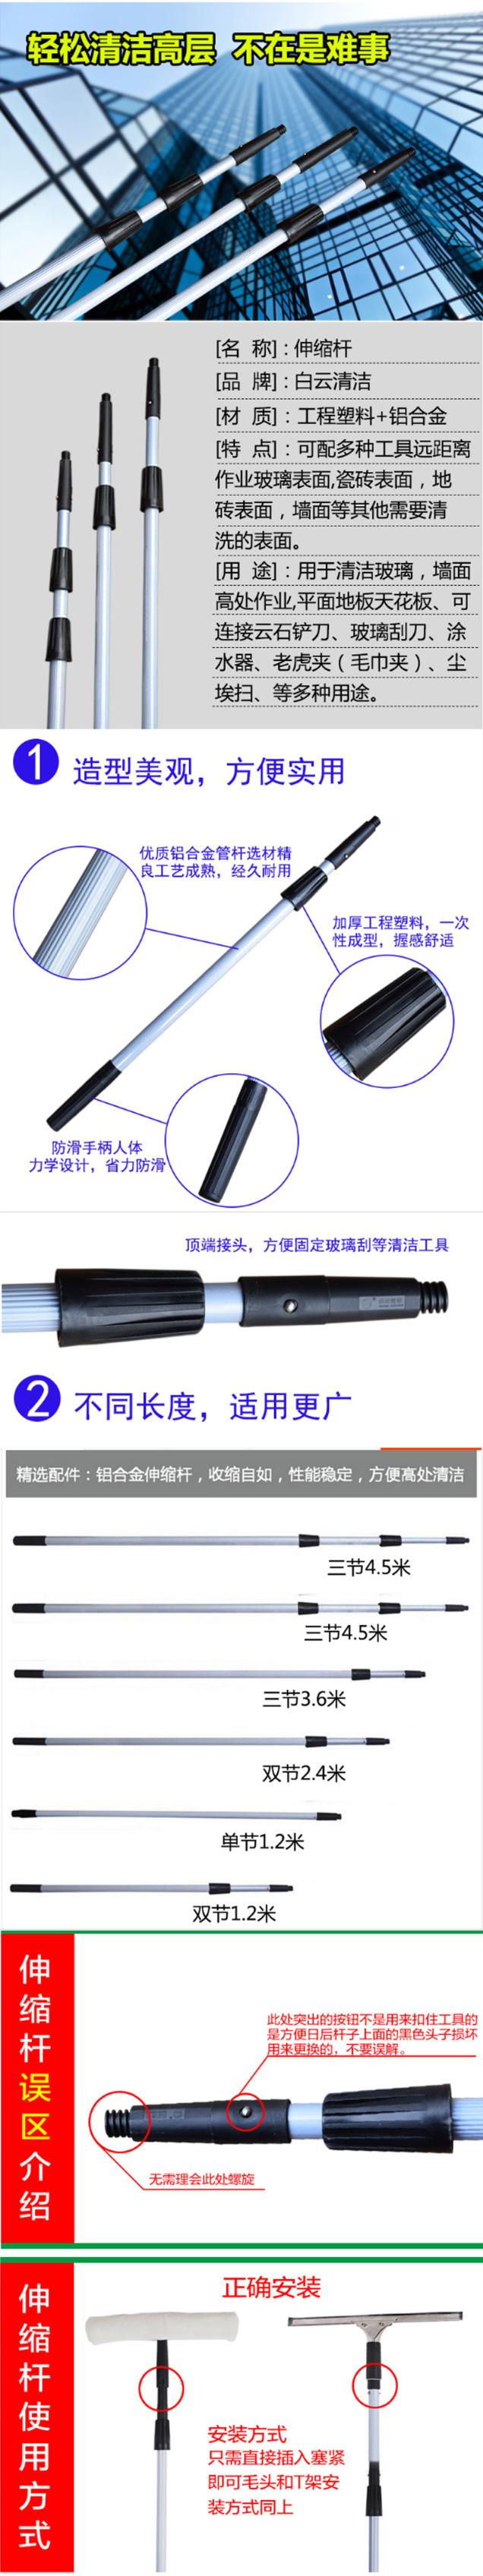 3.6米铝合金三节杆-白云工具保洁用品_单节-双节-三节伸缩杆-3